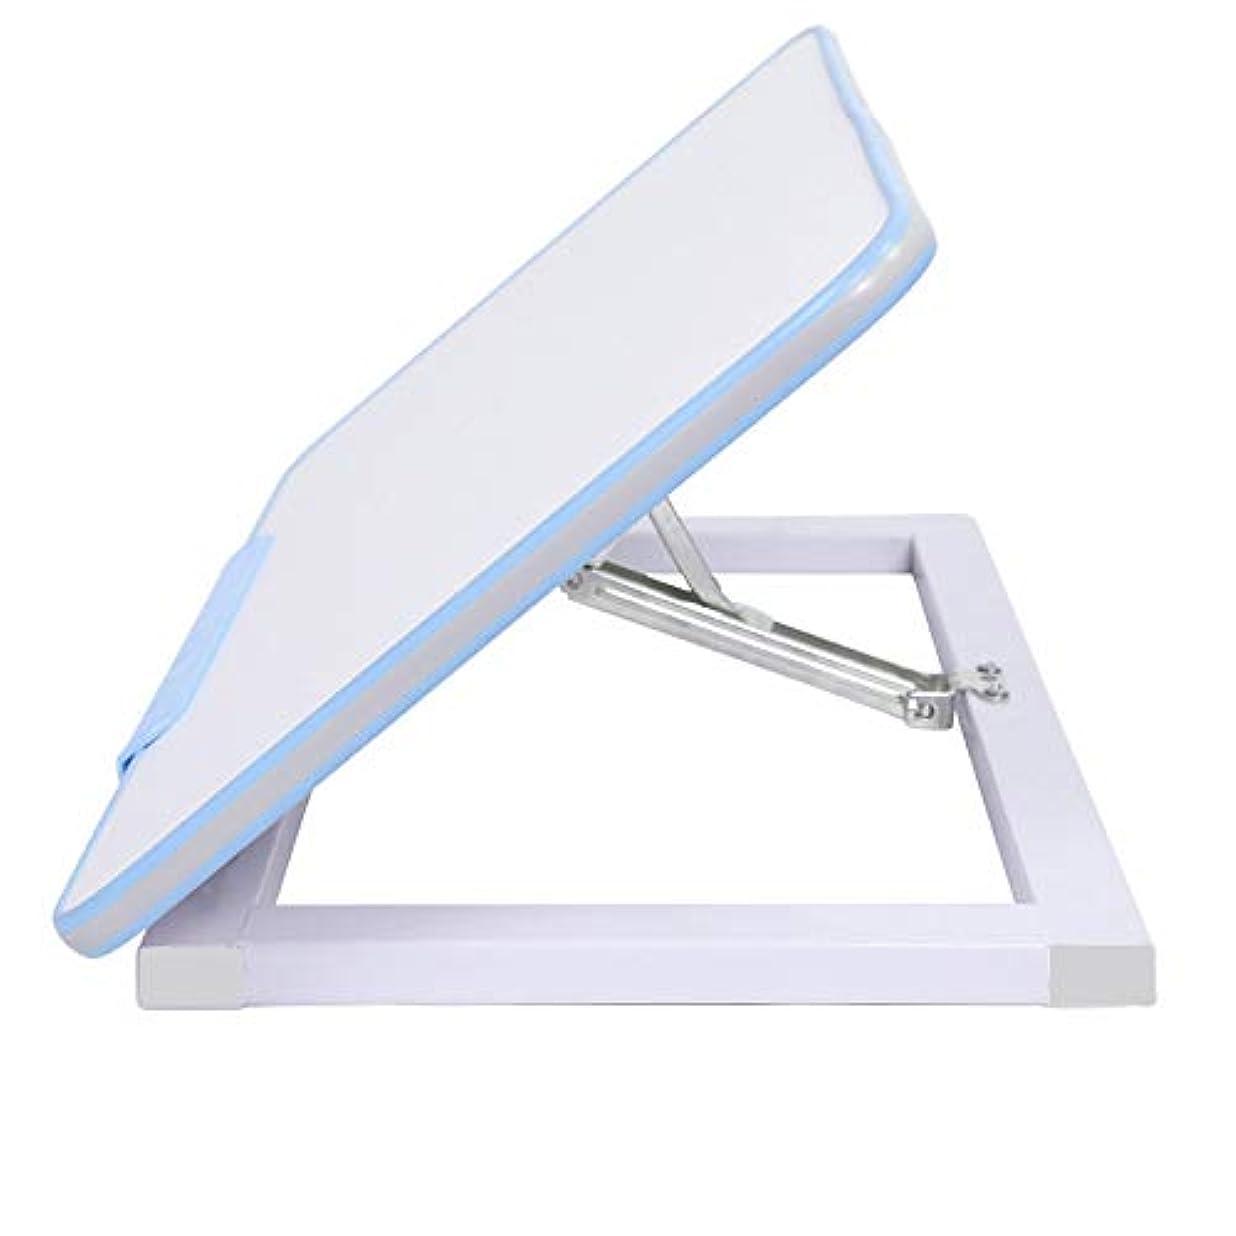 メイエラ多用途承認するLJHA zhuozi 補正テーブルリフト可能な子供の学習テーブルライティングデスク2色オプション (色 : 青)